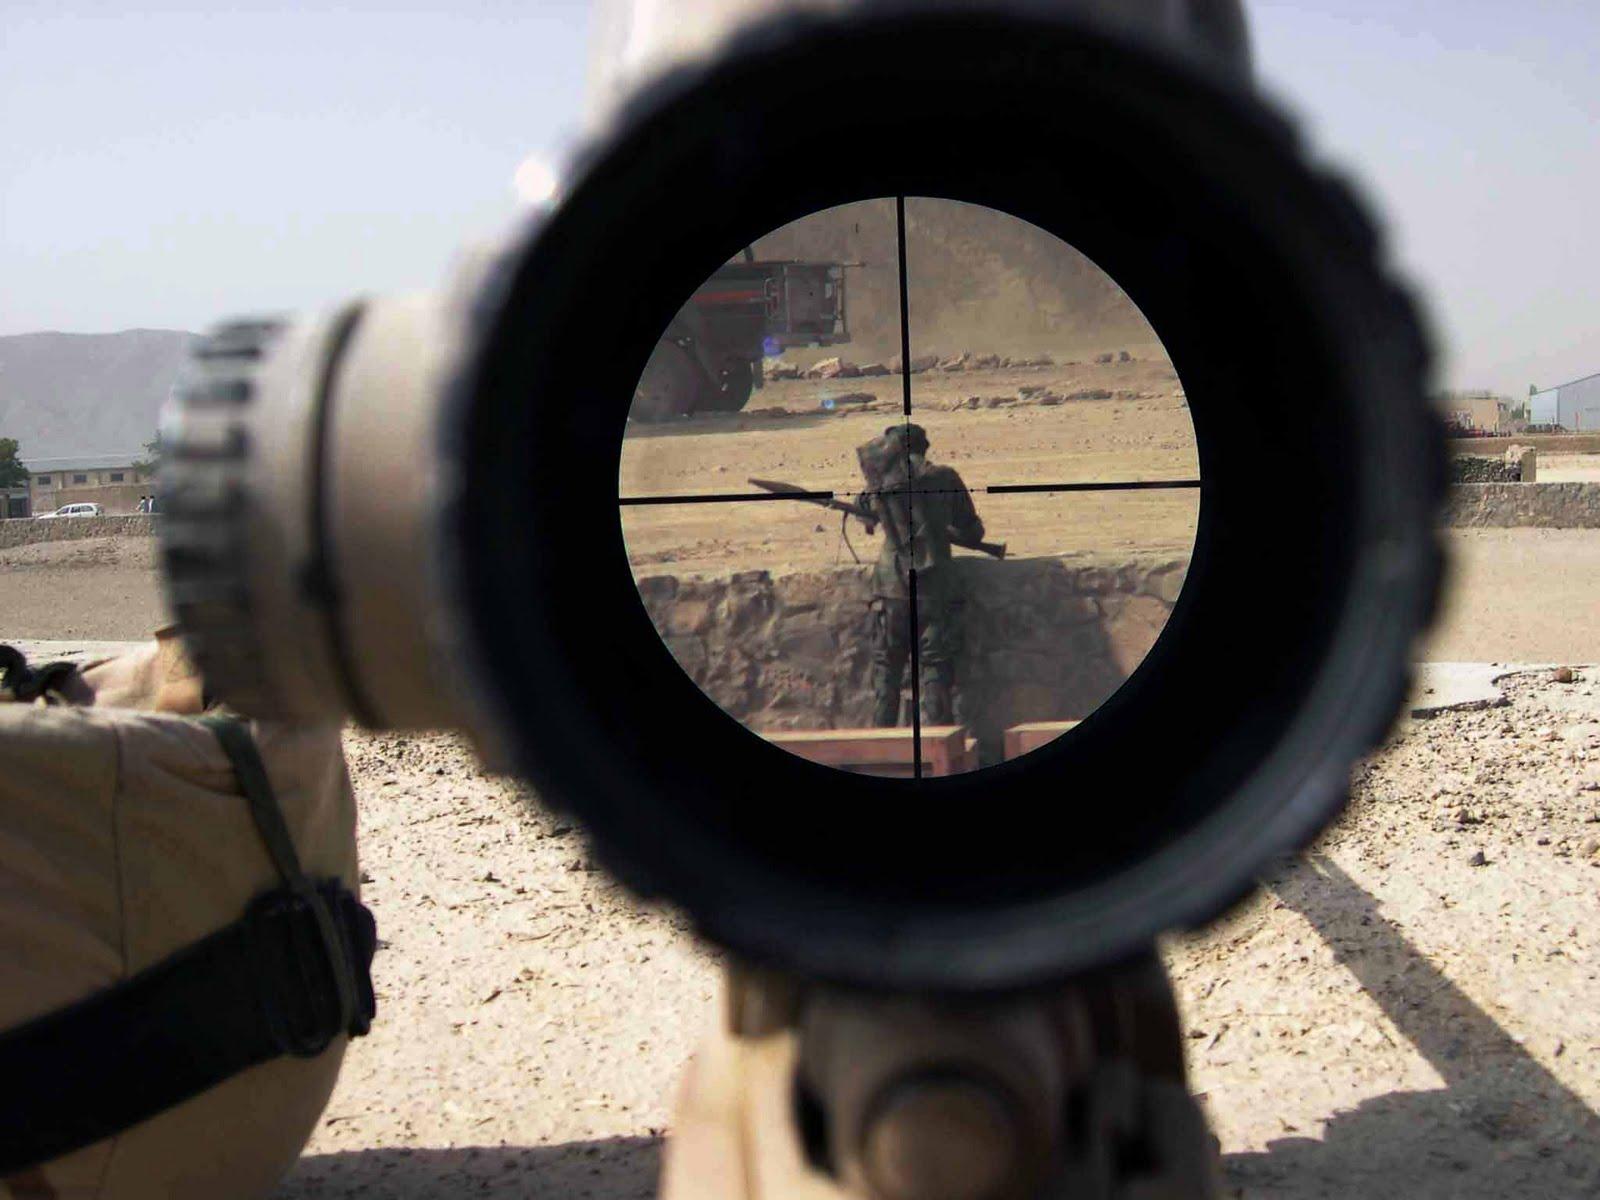 http://1.bp.blogspot.com/-a0g7spXmdT8/TcL-iRmb7yI/AAAAAAAAAtE/m3N-iisb3Hg/s1600/sniper.jpg